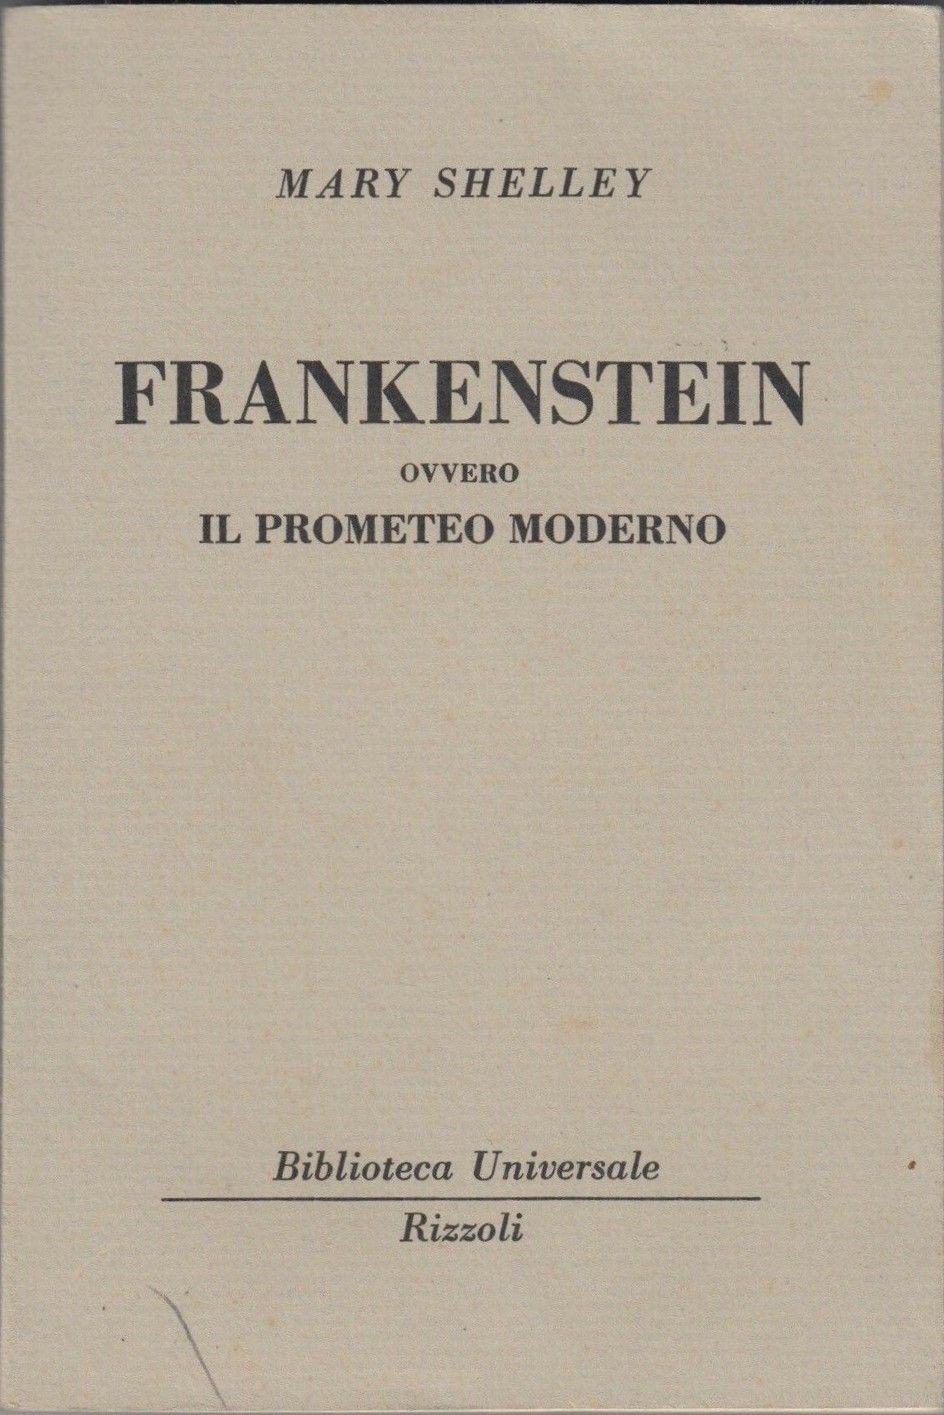 """La seconda edizione italiana (1952) del """"Frankenstein"""" di Mary Shelley a 8 €"""